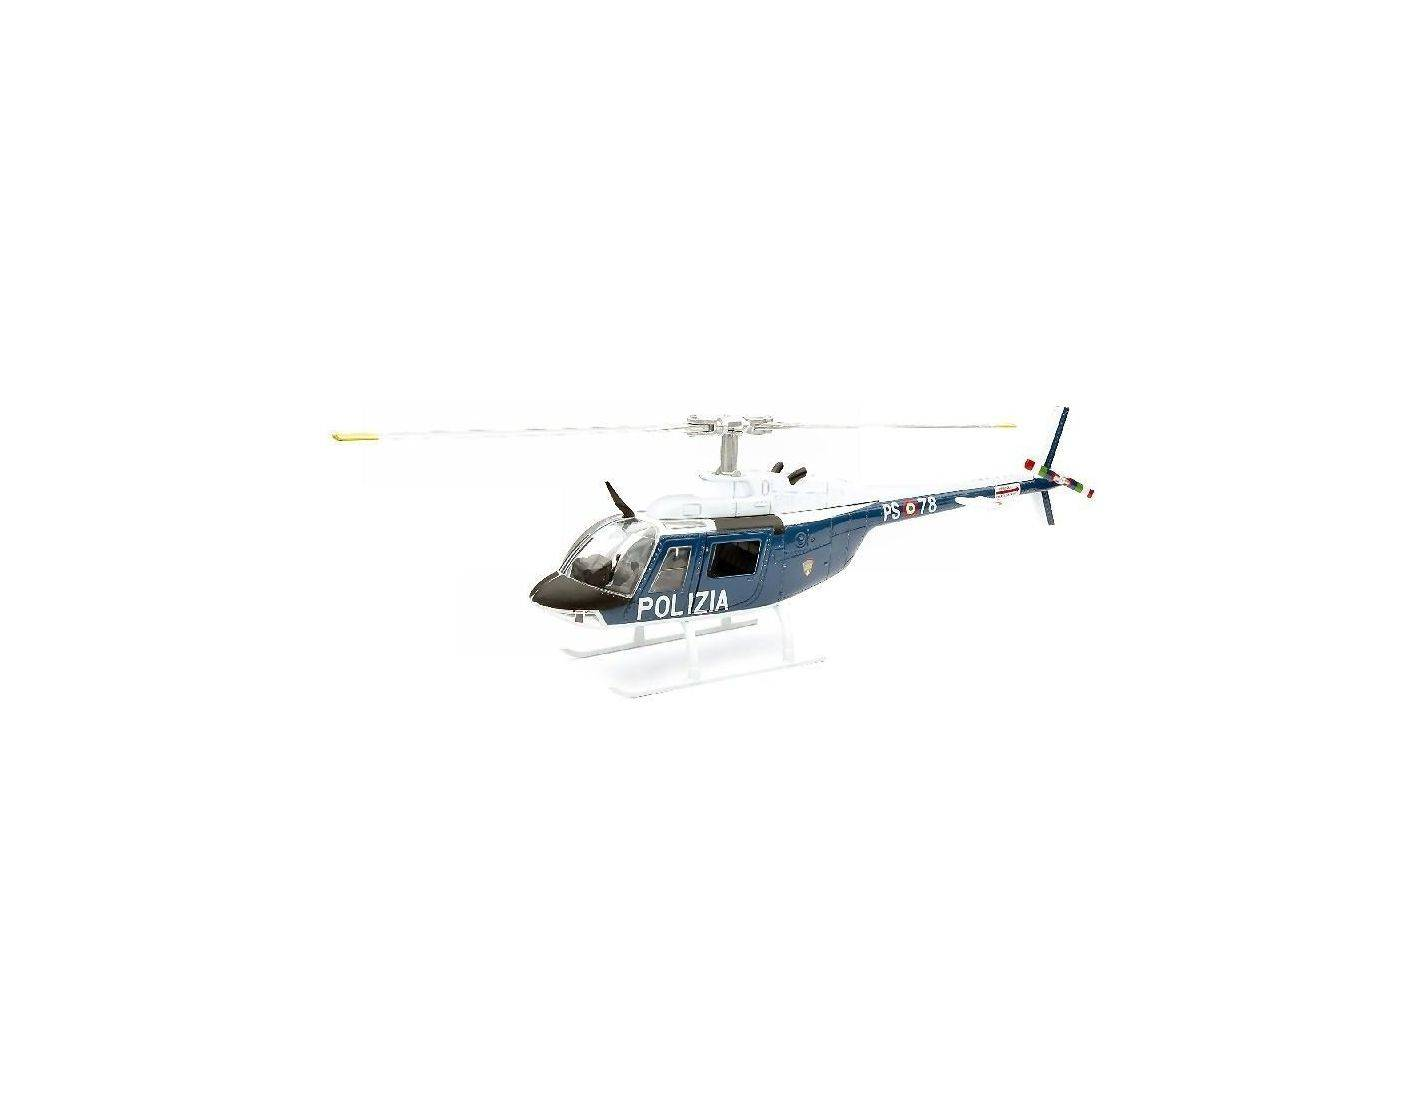 Elicottero Agusta : New ray ny elicottero agusta bell polizia